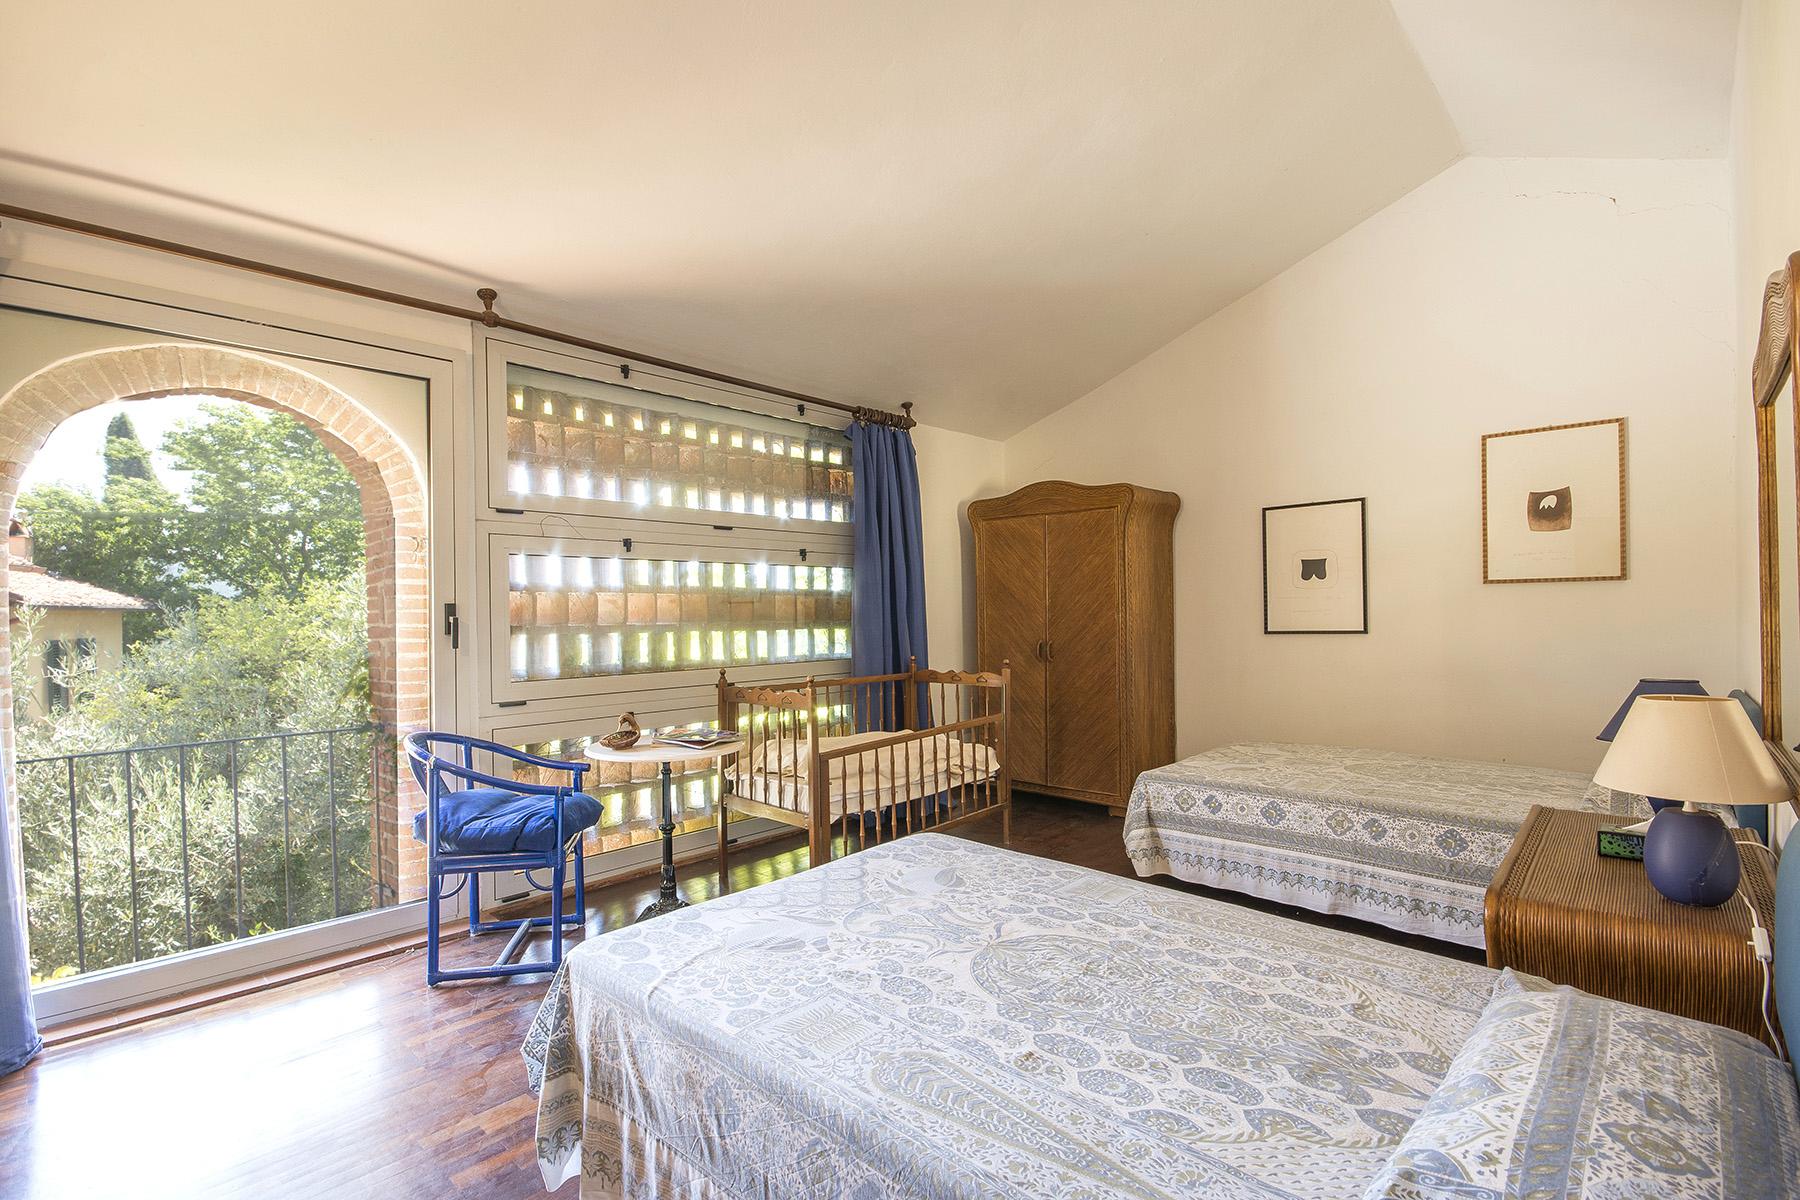 Rustico in Vendita a Monsummano Terme: 5 locali, 570 mq - Foto 28